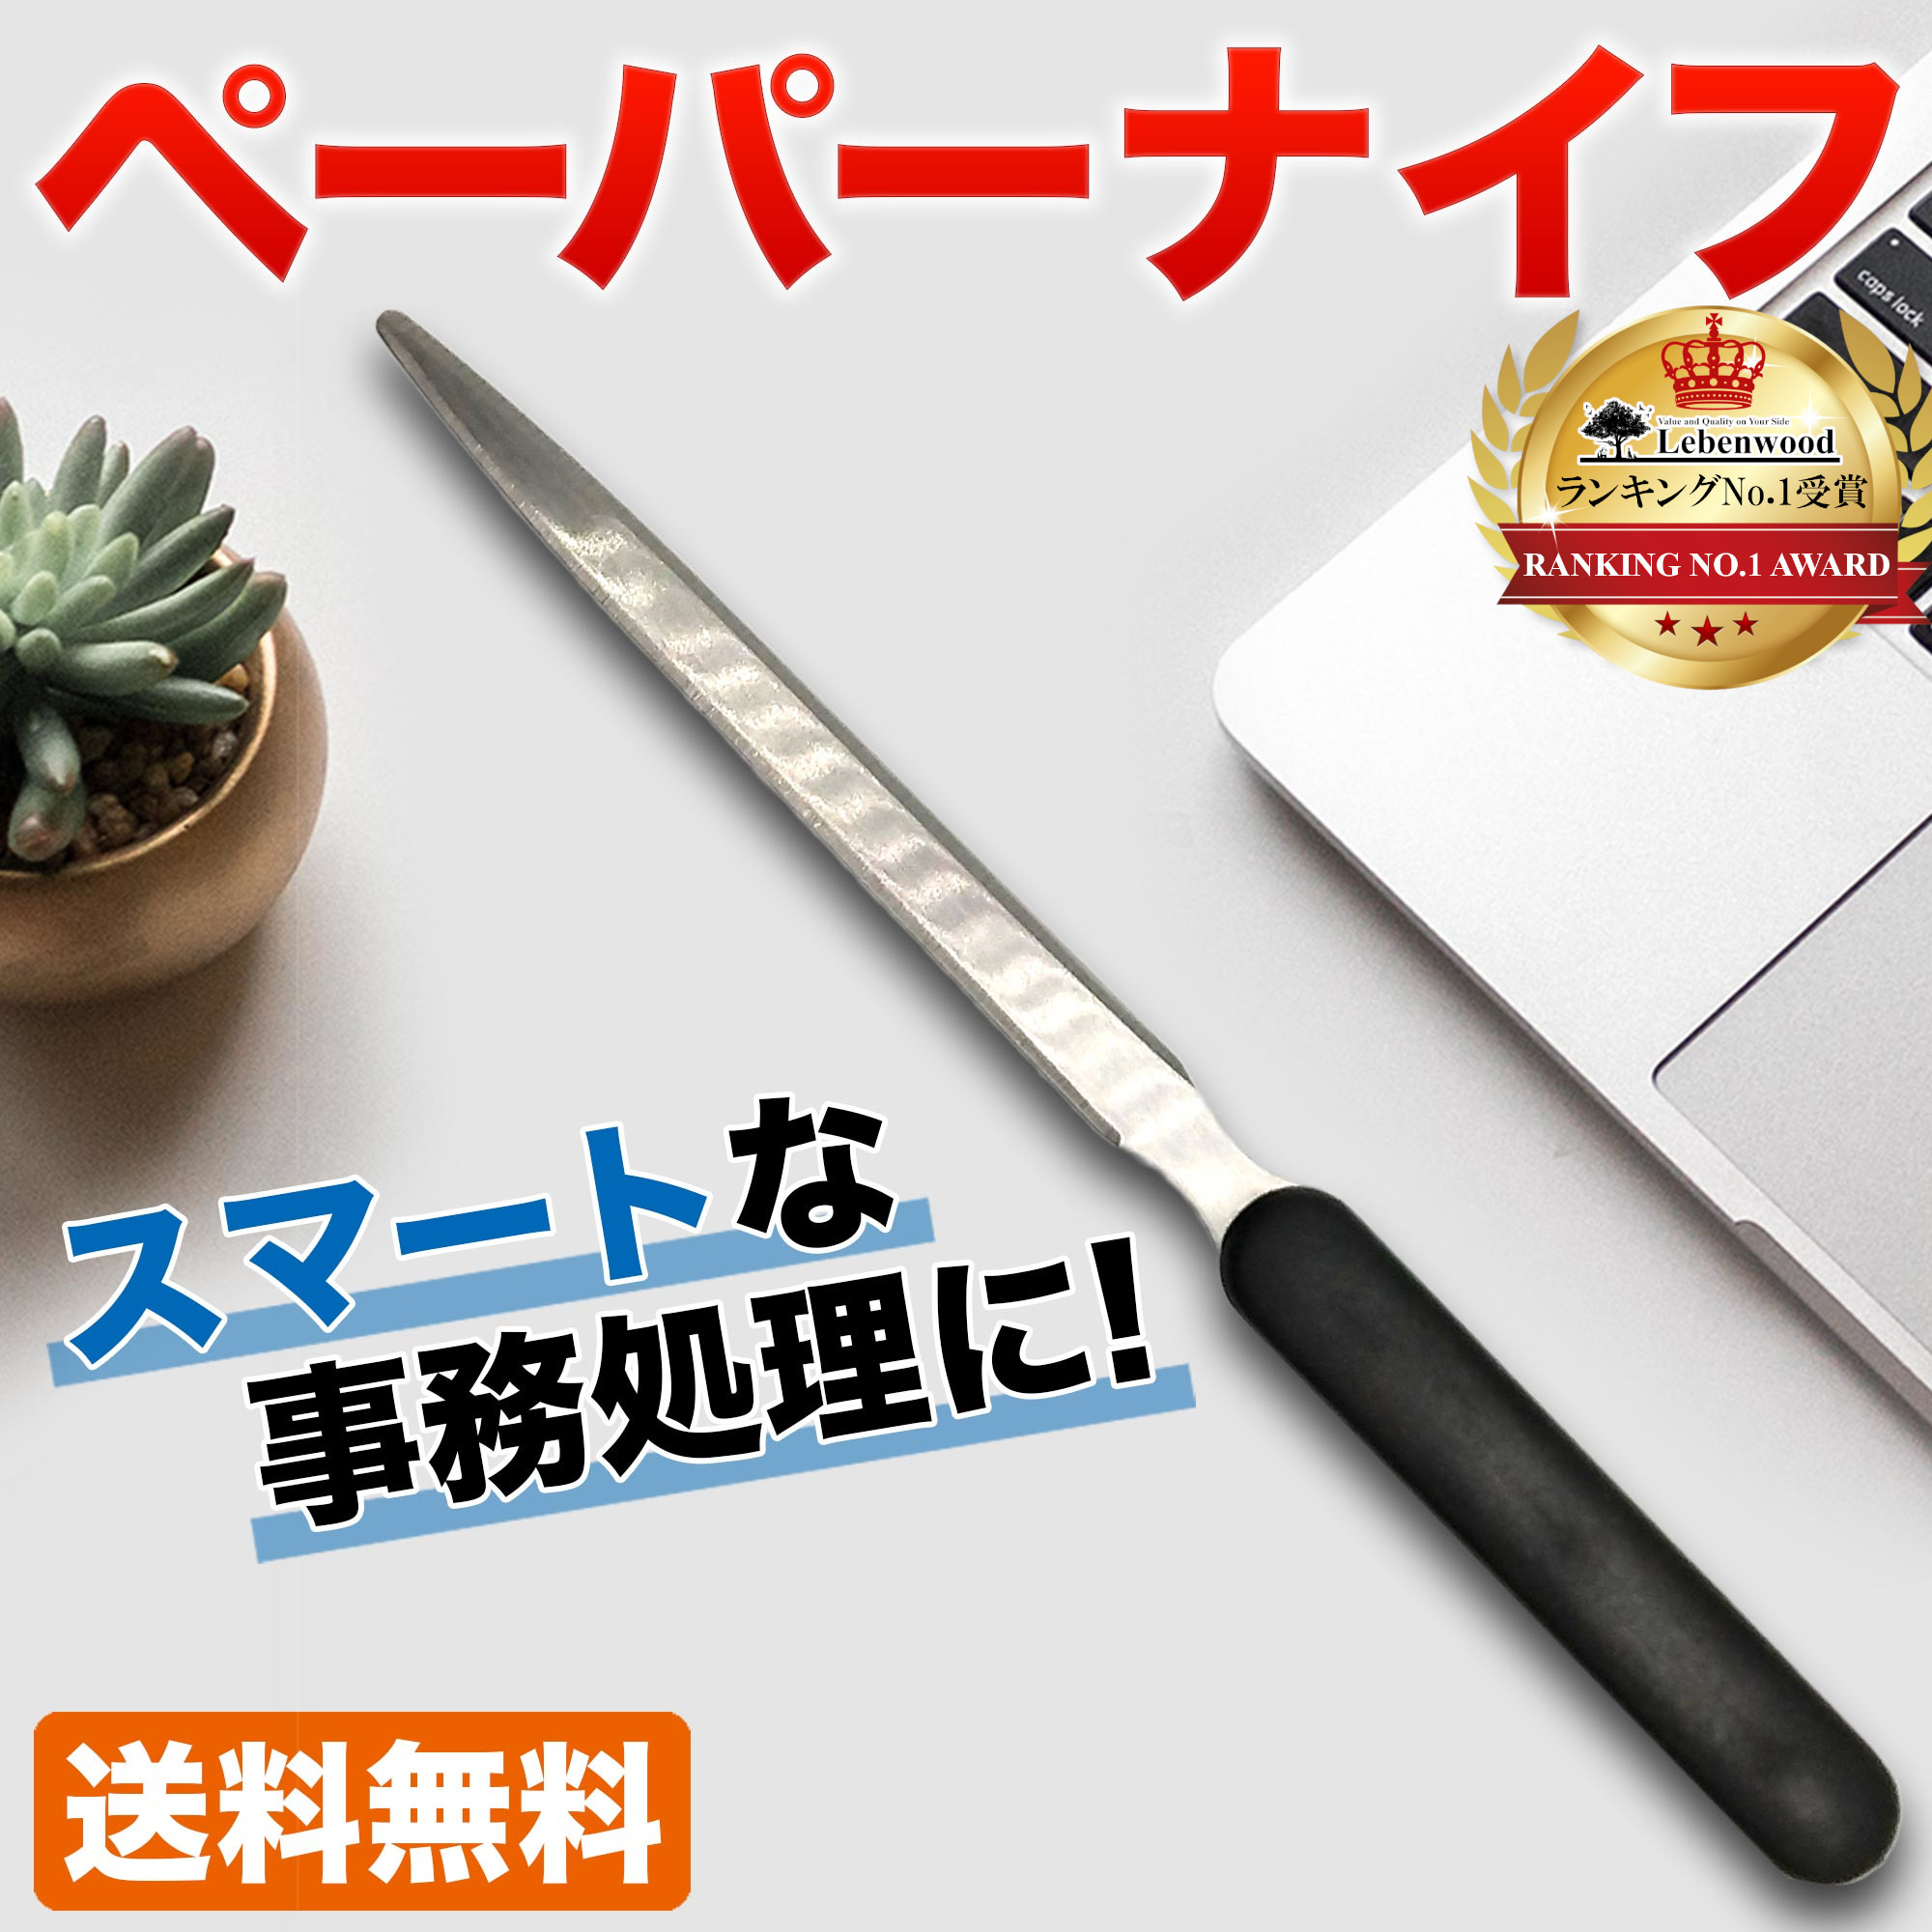 ペーパーナイフ レターオープナー ダンボールカッター 裁断機 ペーパーカッター 即納 日本正規代理店品 OZK 送料無料 最新アイテム 素早く事務処理を完了